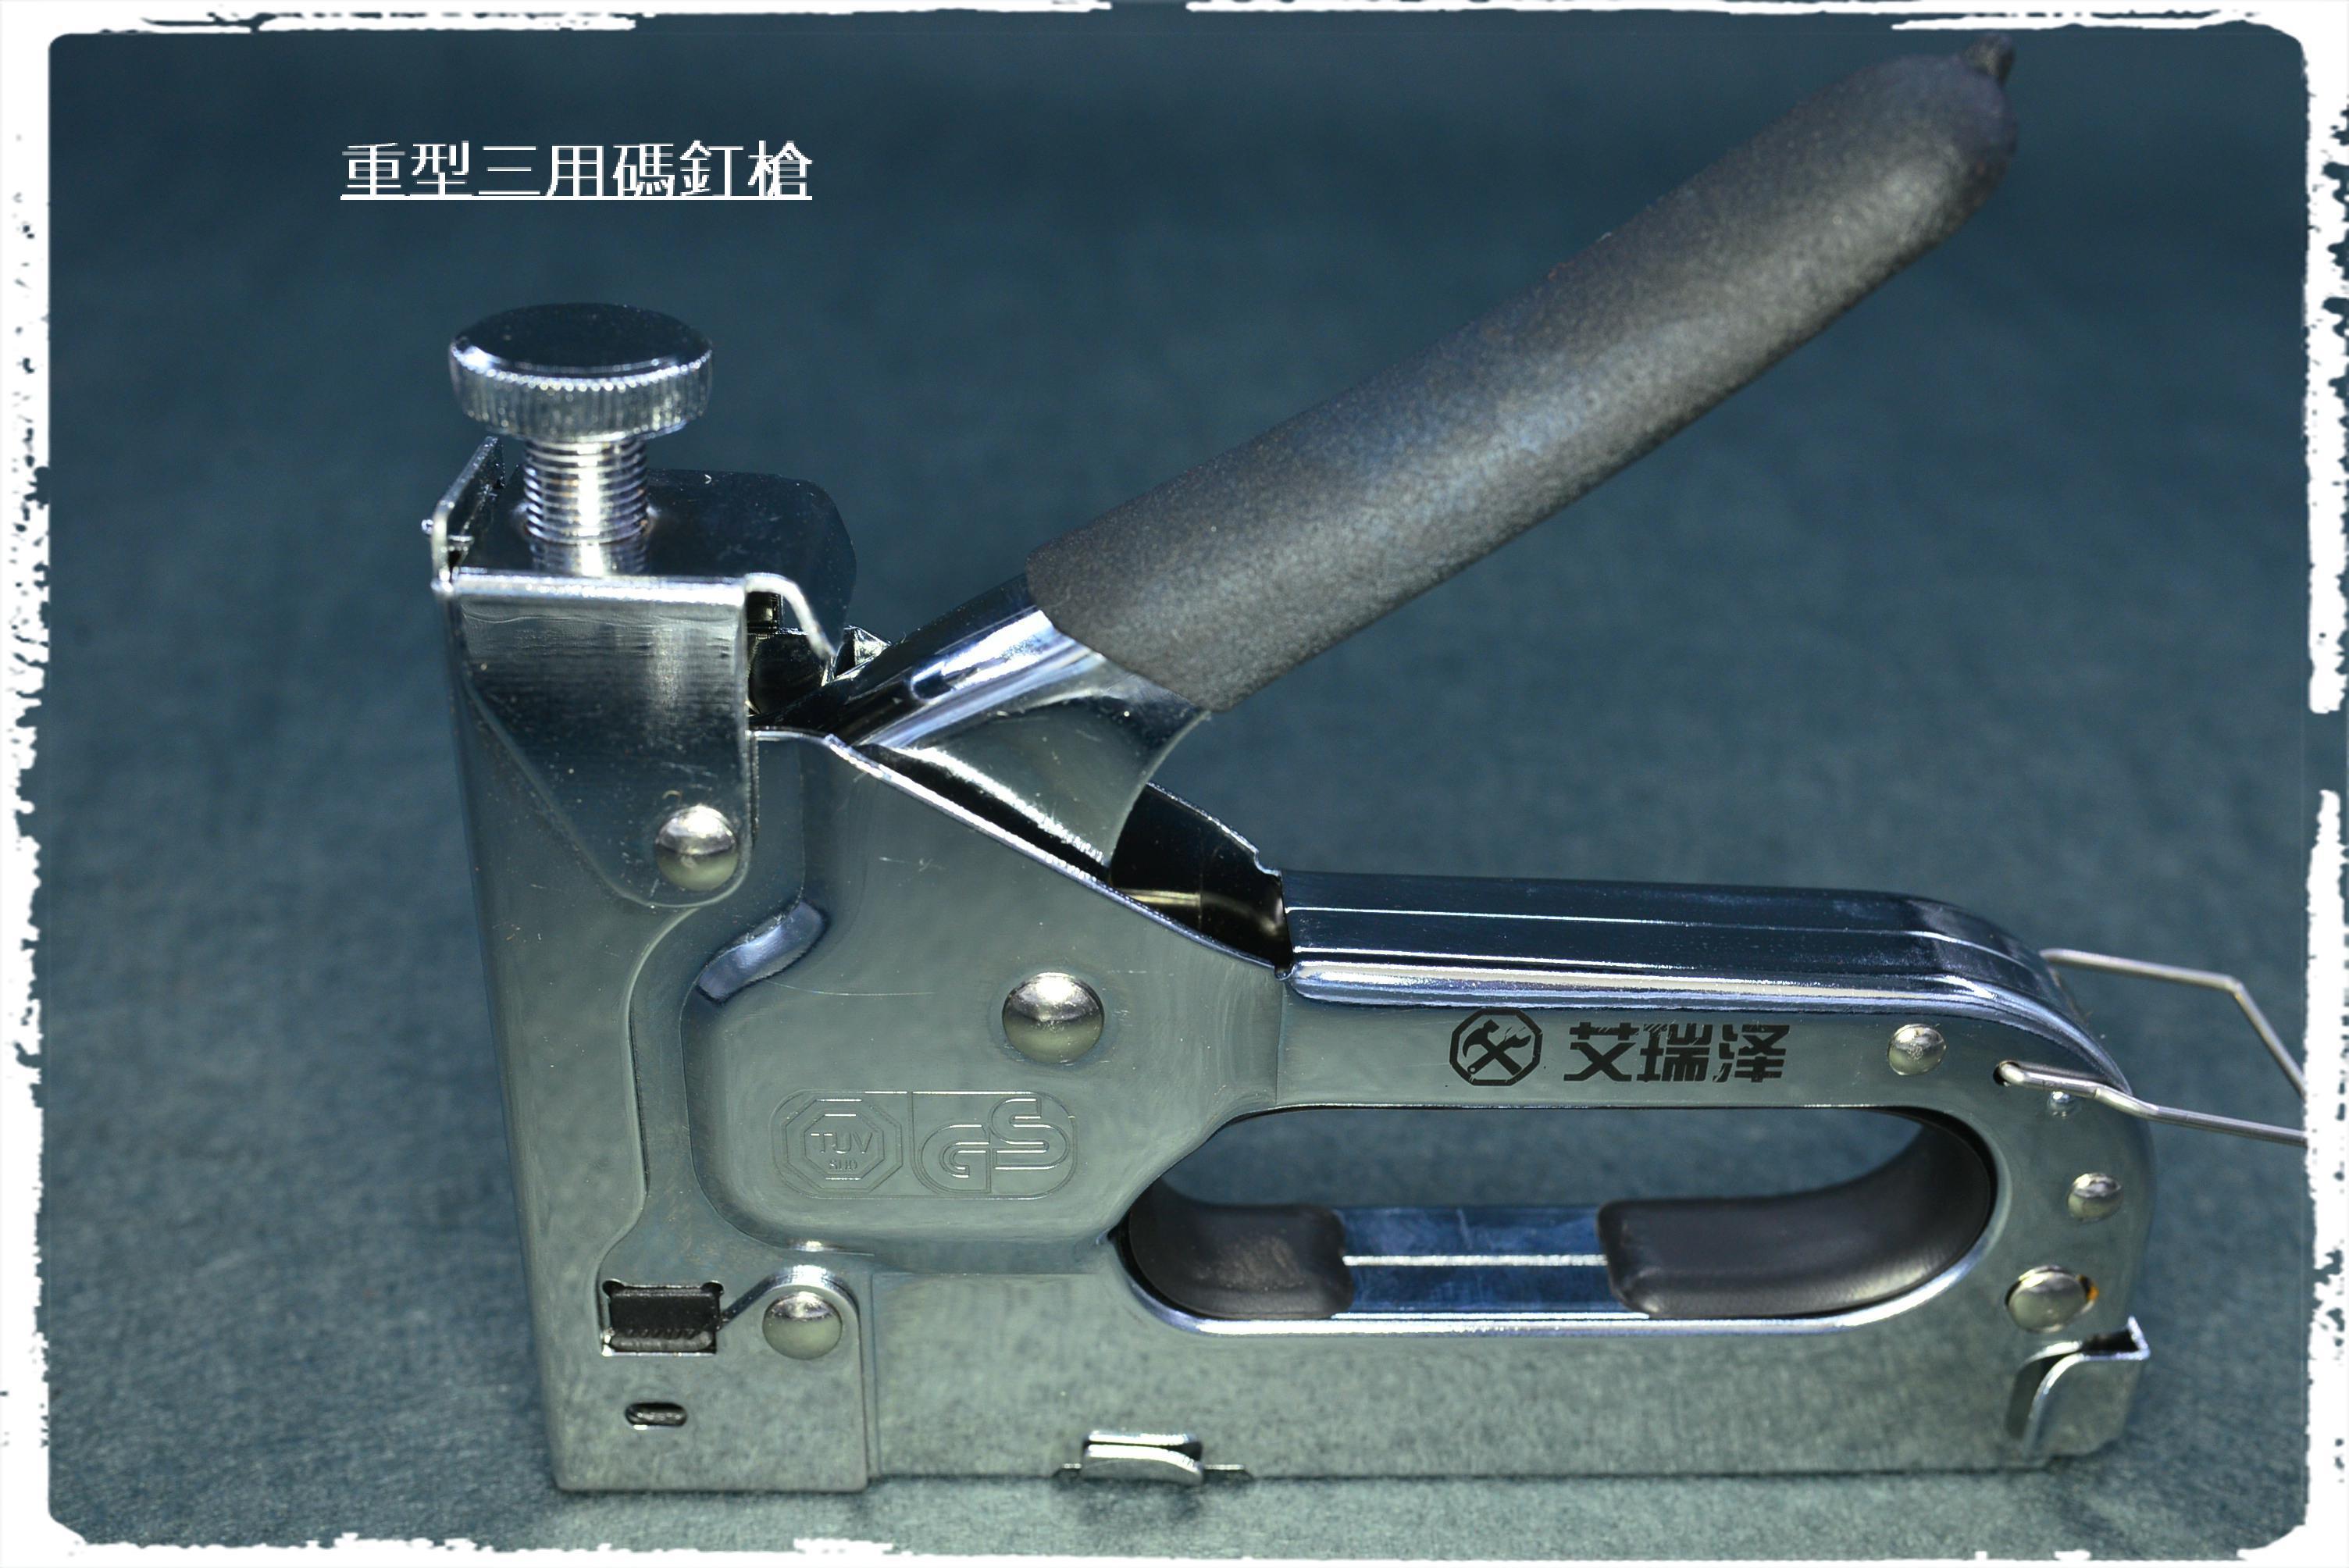 重型三用(三合一)手動碼釘槍 射釘槍 射釘器 打釘槍 打版機 釘書機釘書針 裝訂機木工裝潢 直釘鋼釘美術美工壁報氣動電動